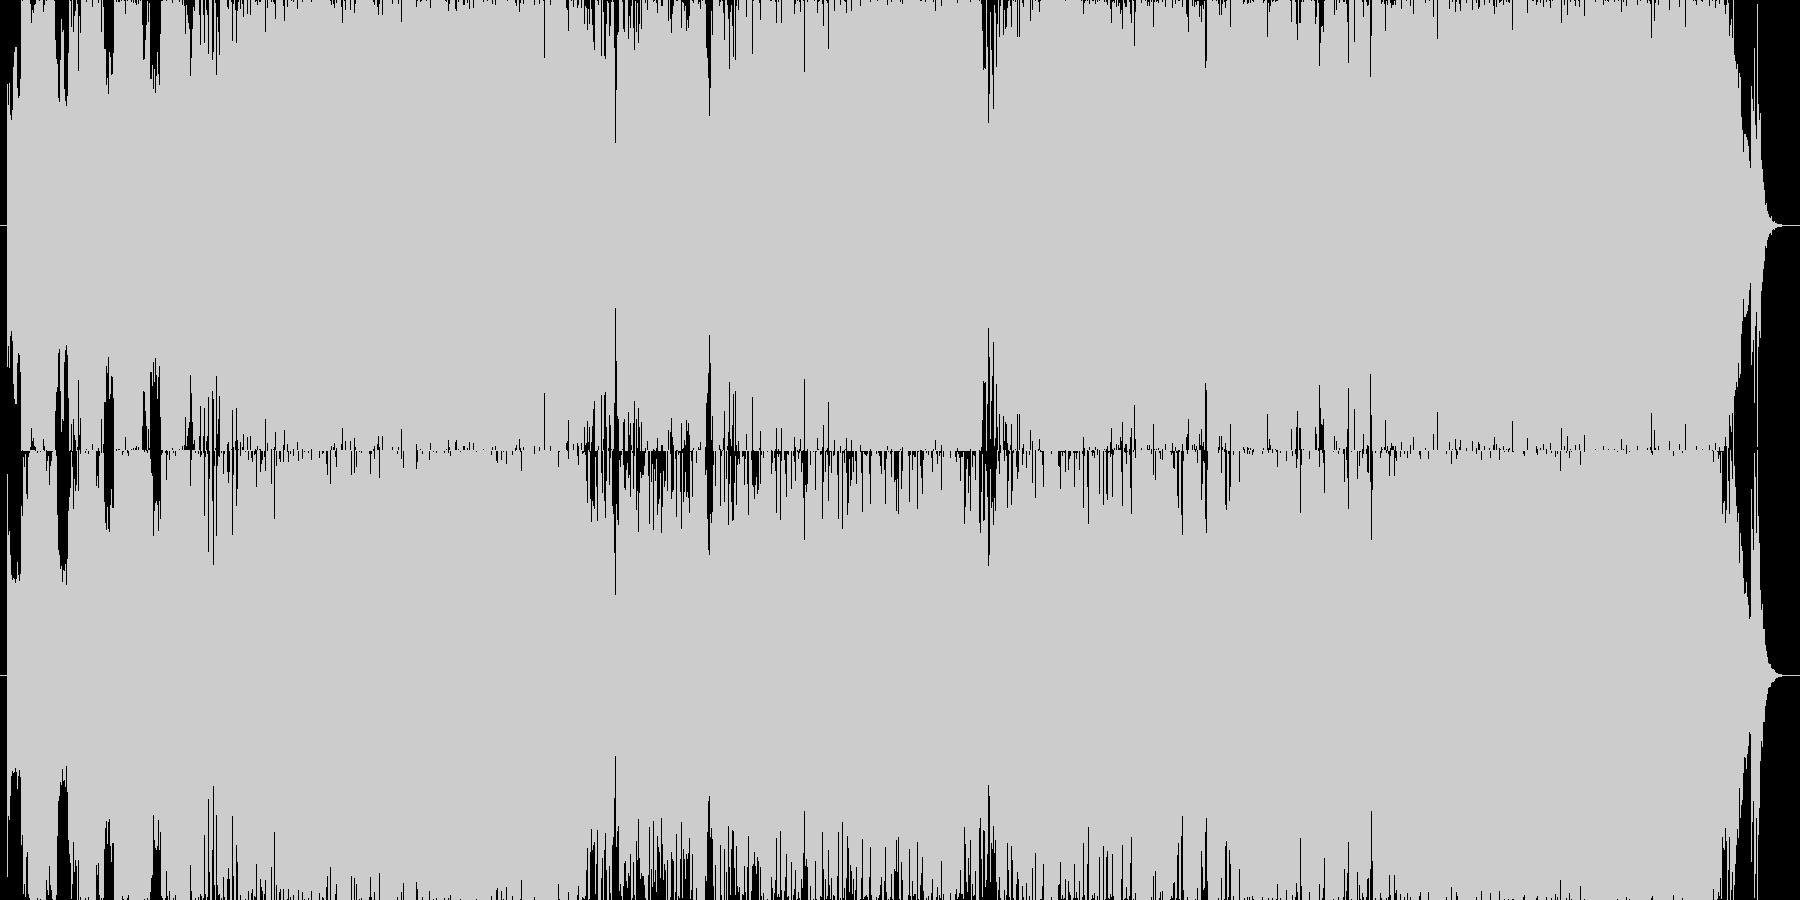 ゲーム用勇壮でパワフルなオーケストラ曲の未再生の波形